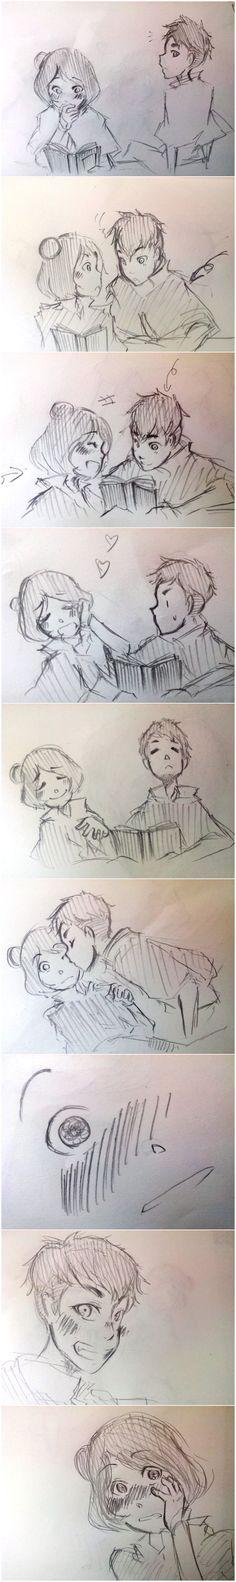 Romance? -kainora by aogs47777